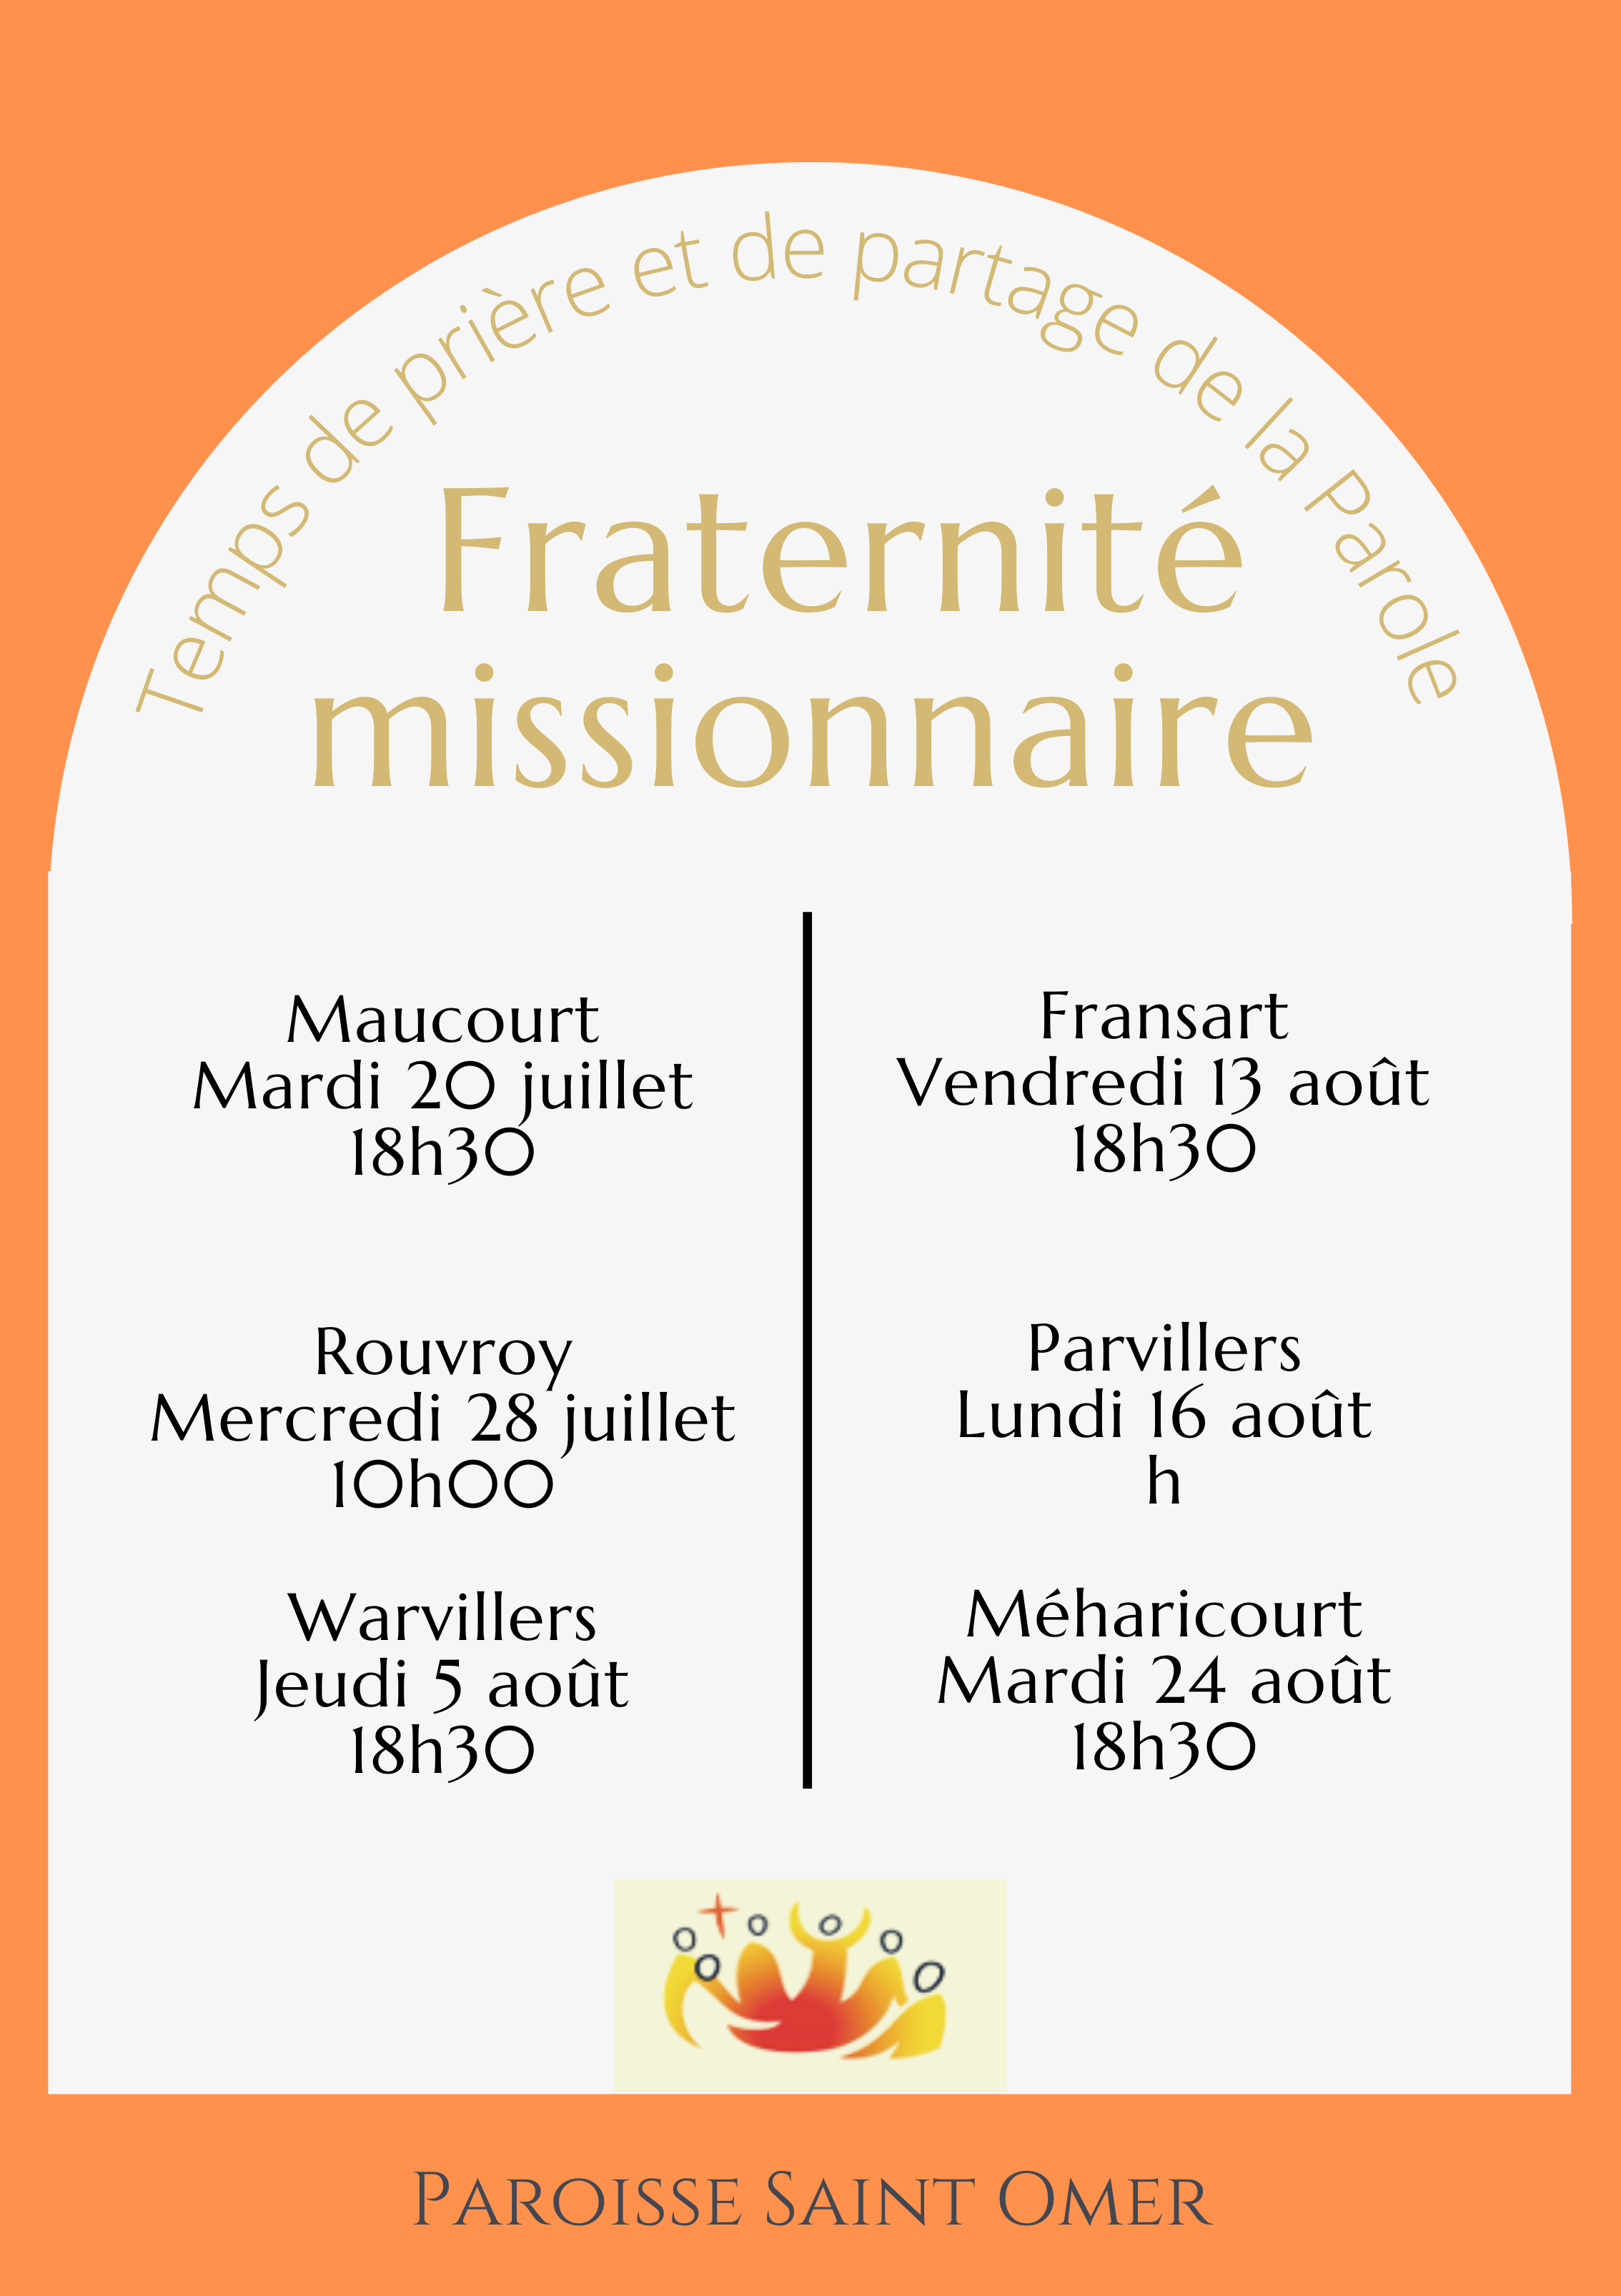 Fraternite_ete2021